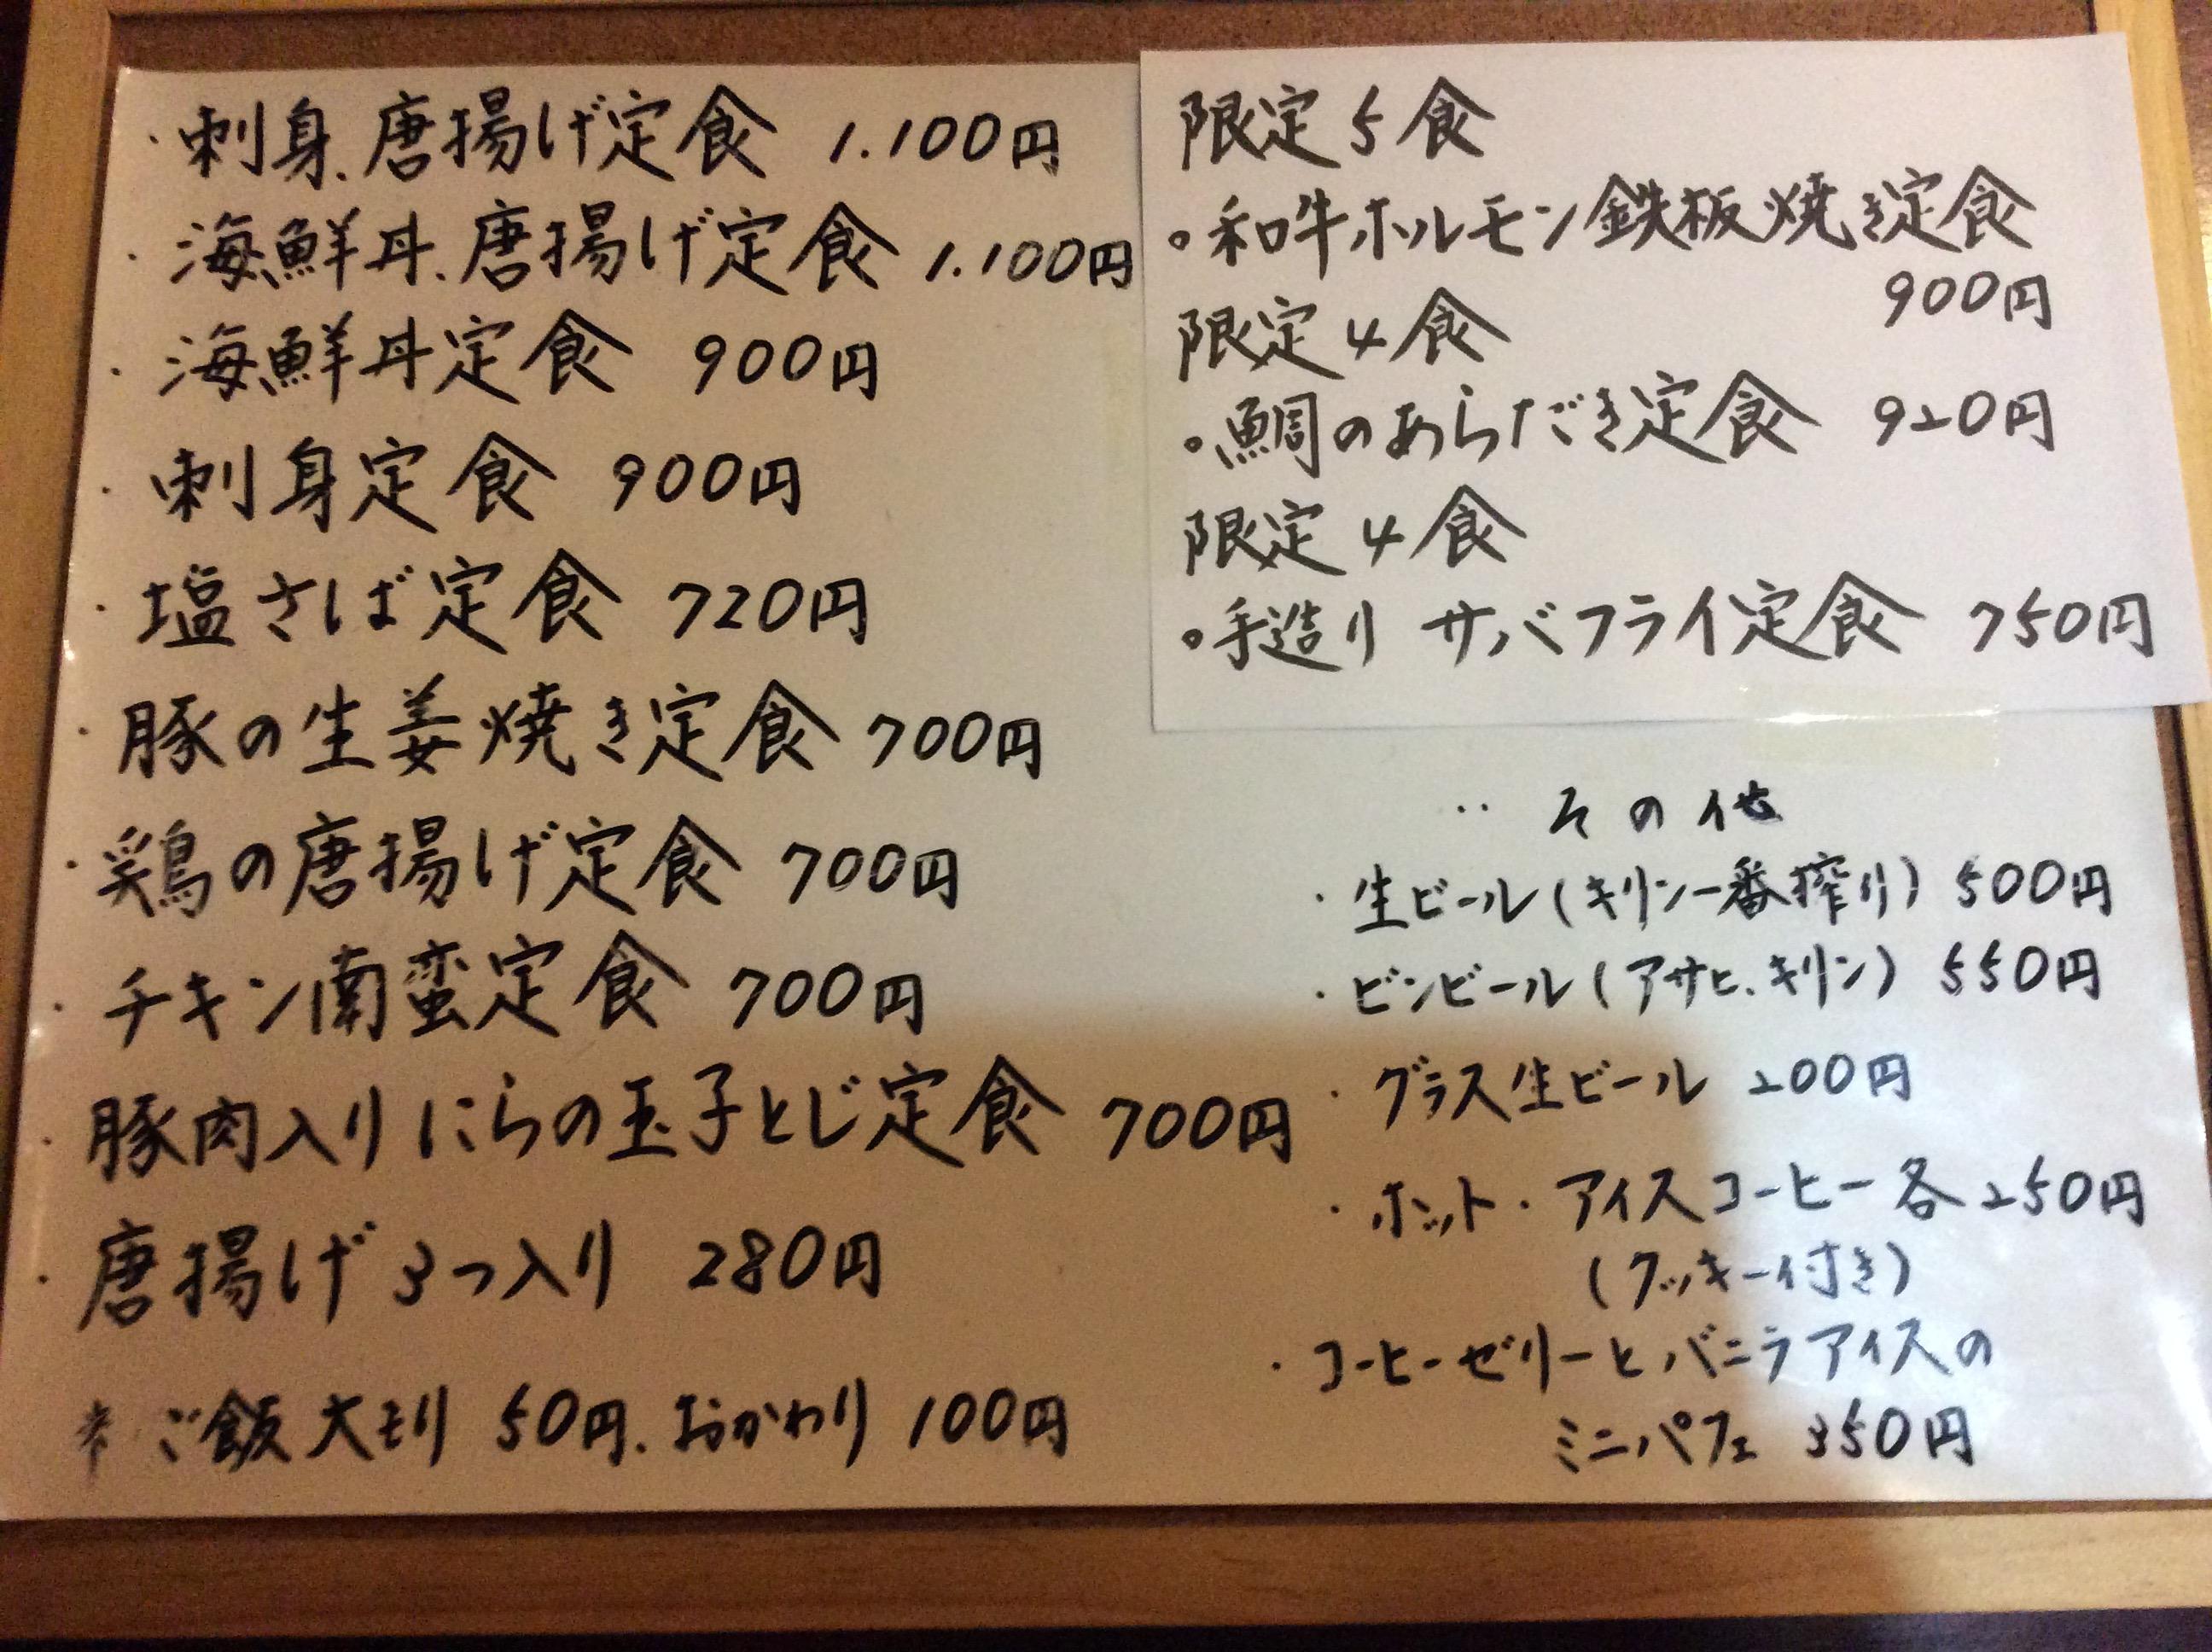 C10D73E6-EDC0-4EC1-B155-4BA91C68887A